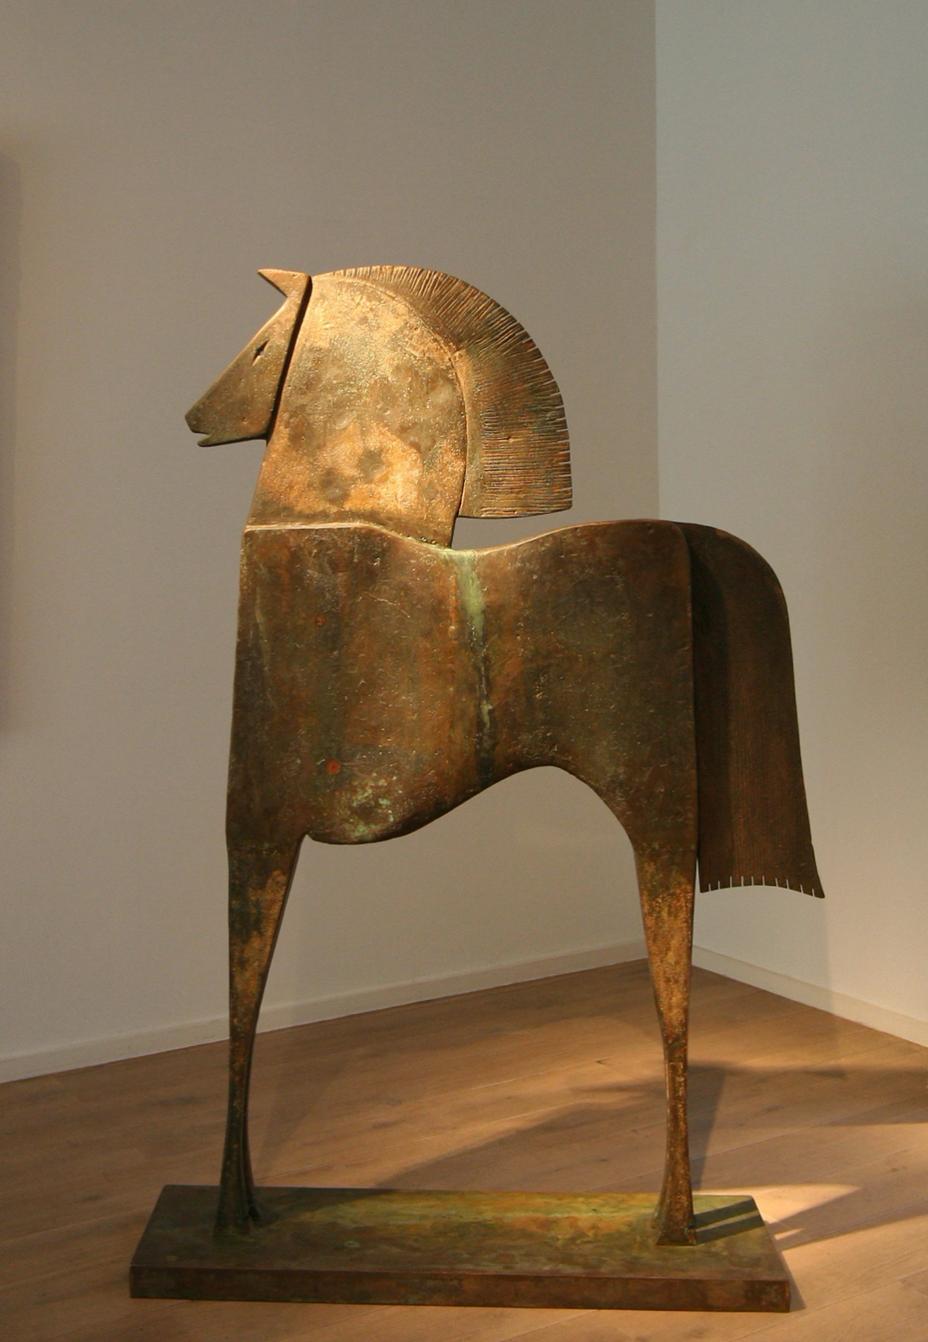 CABALLO ERIDEL Bronze 165x112x31,5cm / 64,9x45,2x12,5 inch